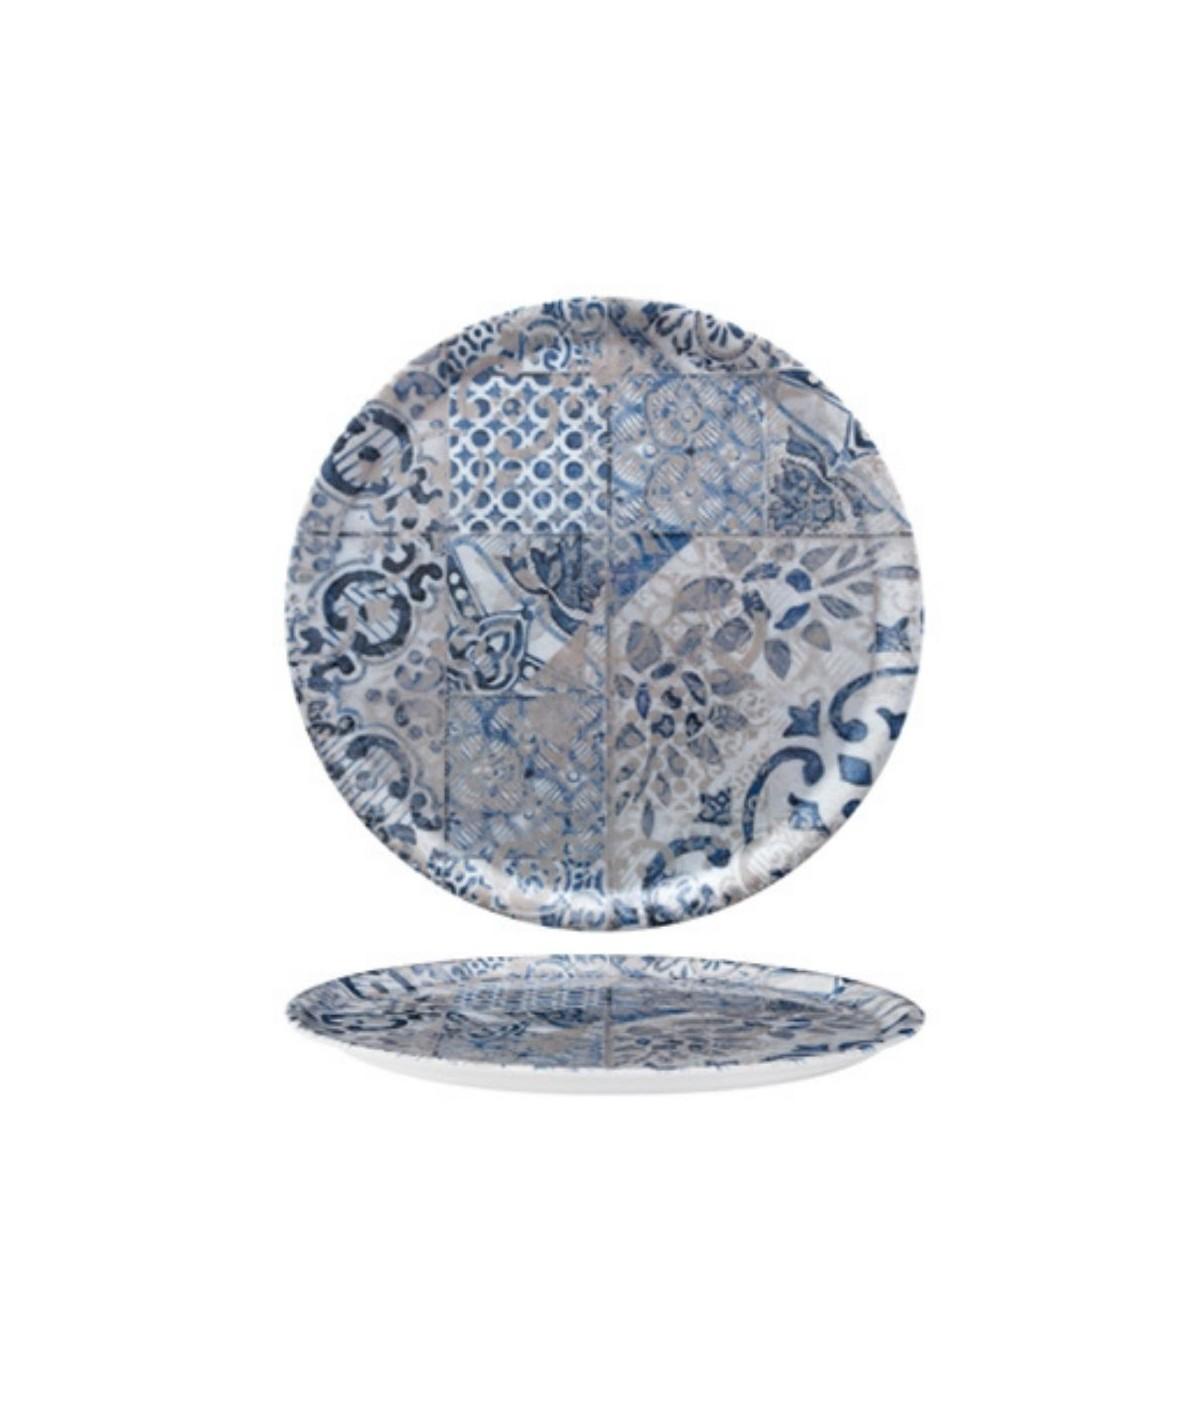 Piatto da pizza grigio blu Cordoba set 6 pezzi - Saturnia